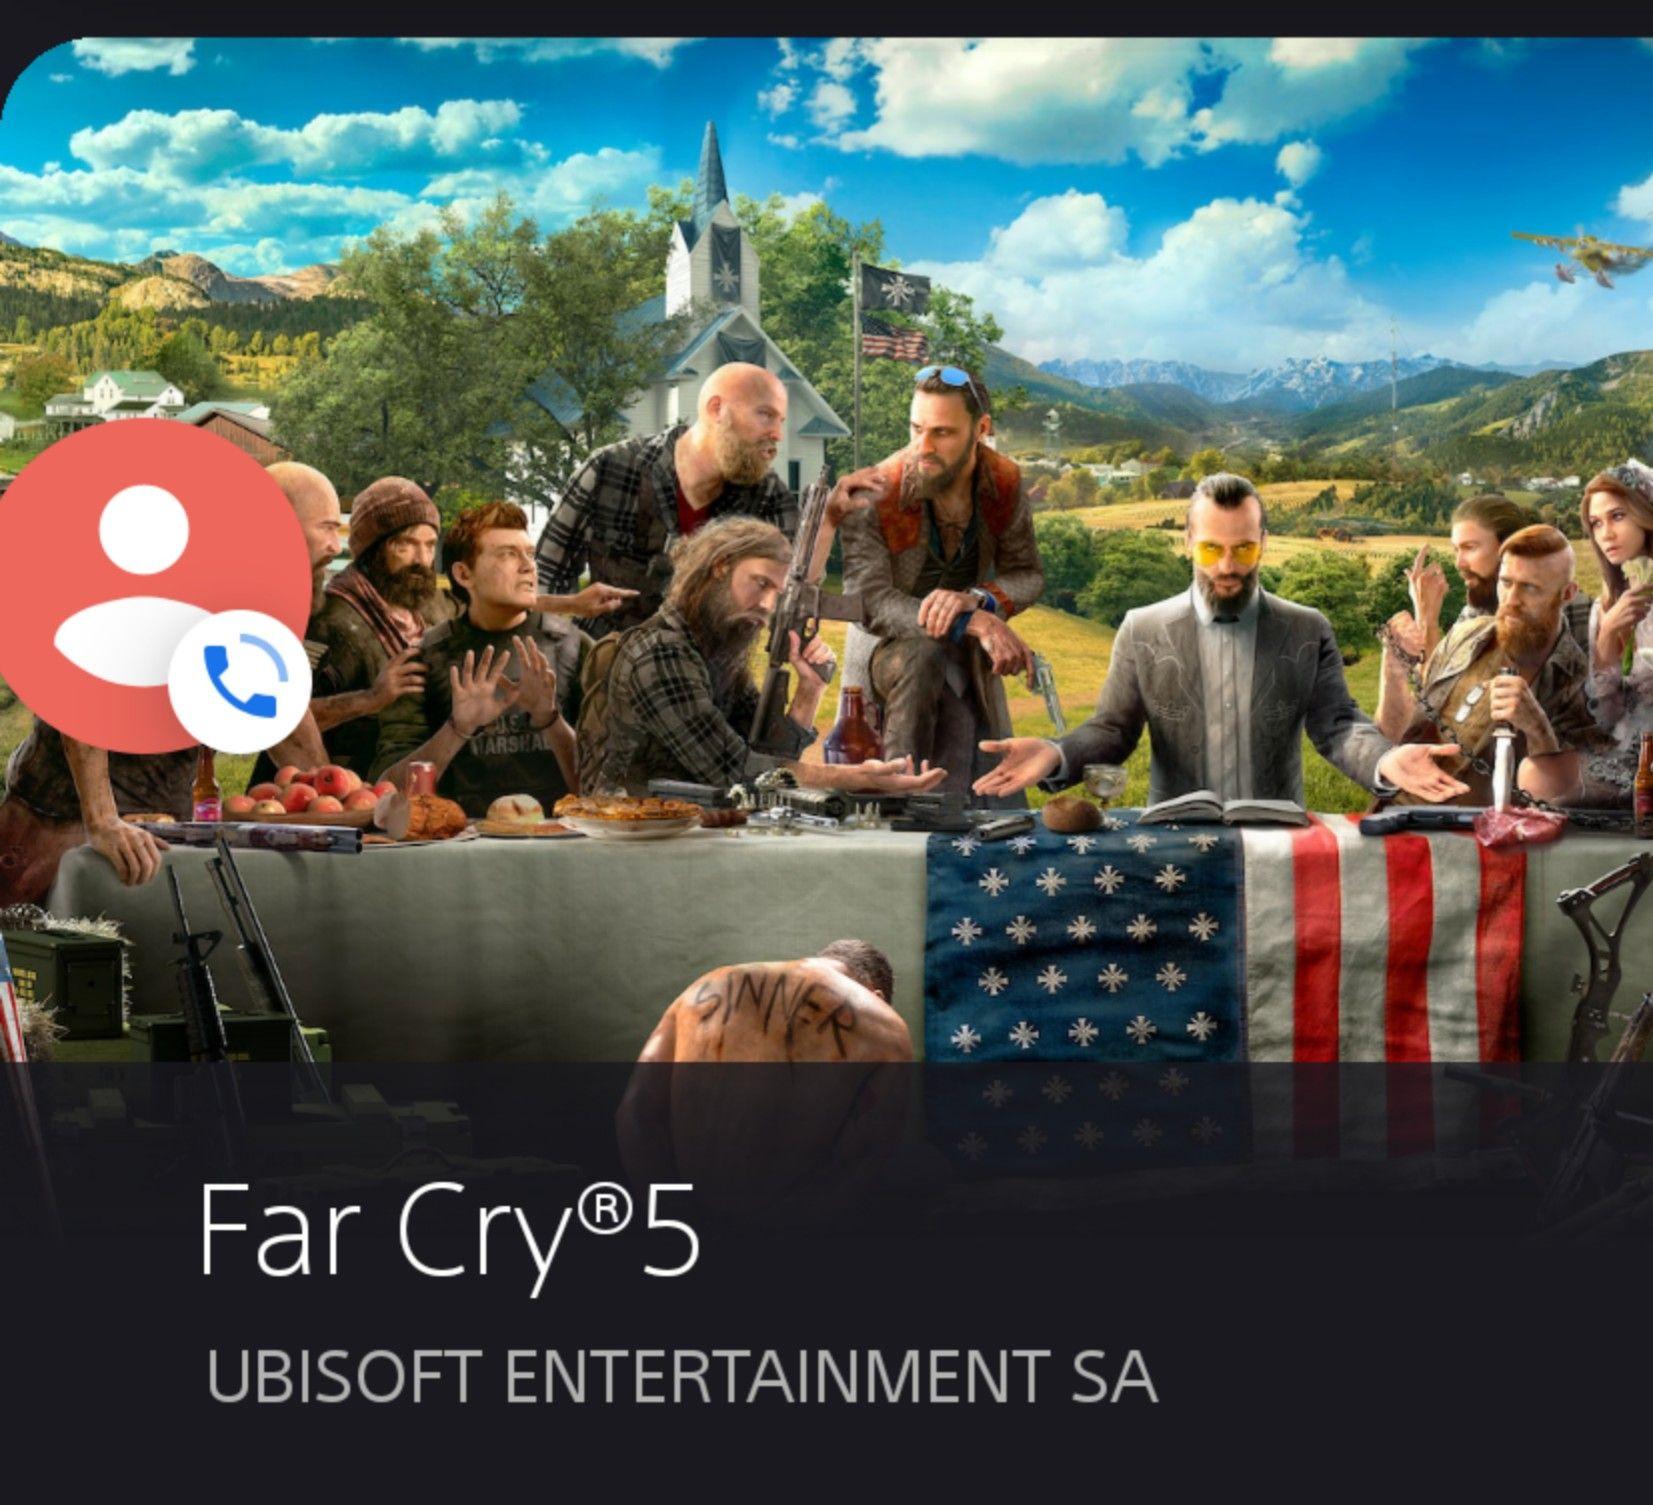 Far Cry 5 Playtation 4